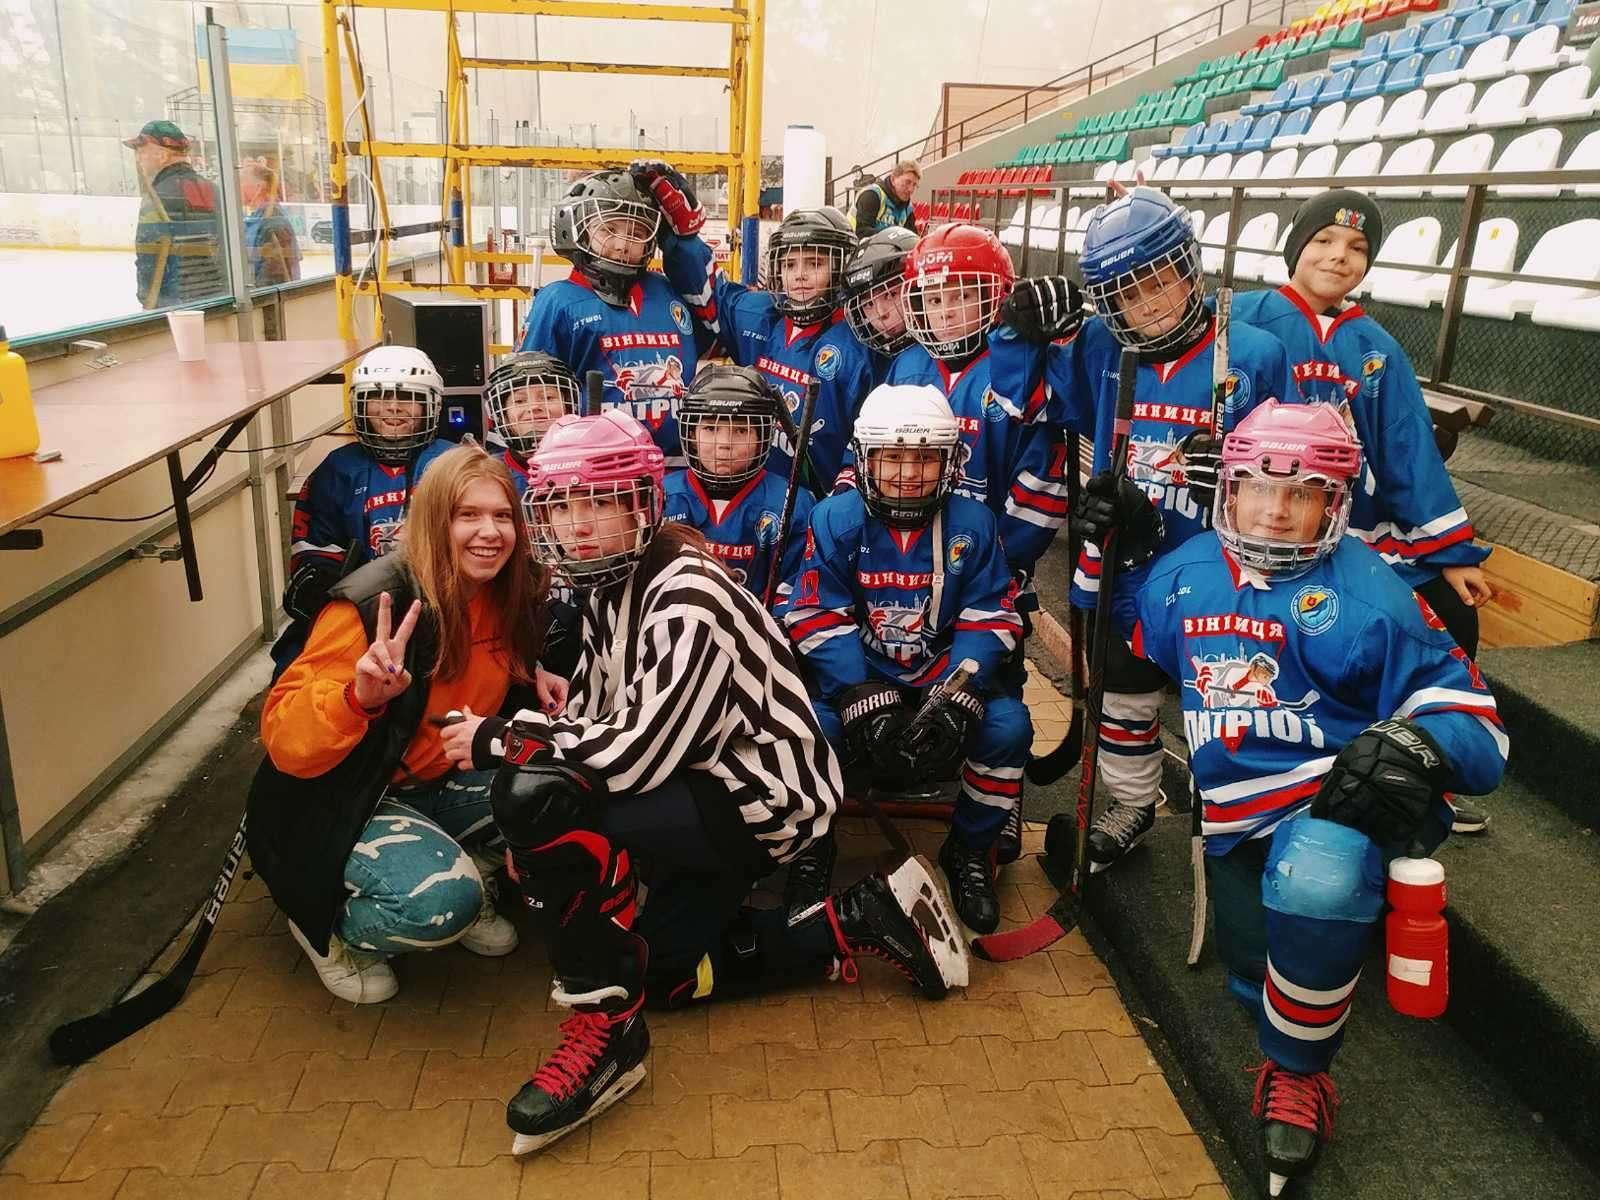 У Вінниці завершився Всеукраїнський дитячий кубок з хокею. Місцева команда взяла «бронзу» (Фото)